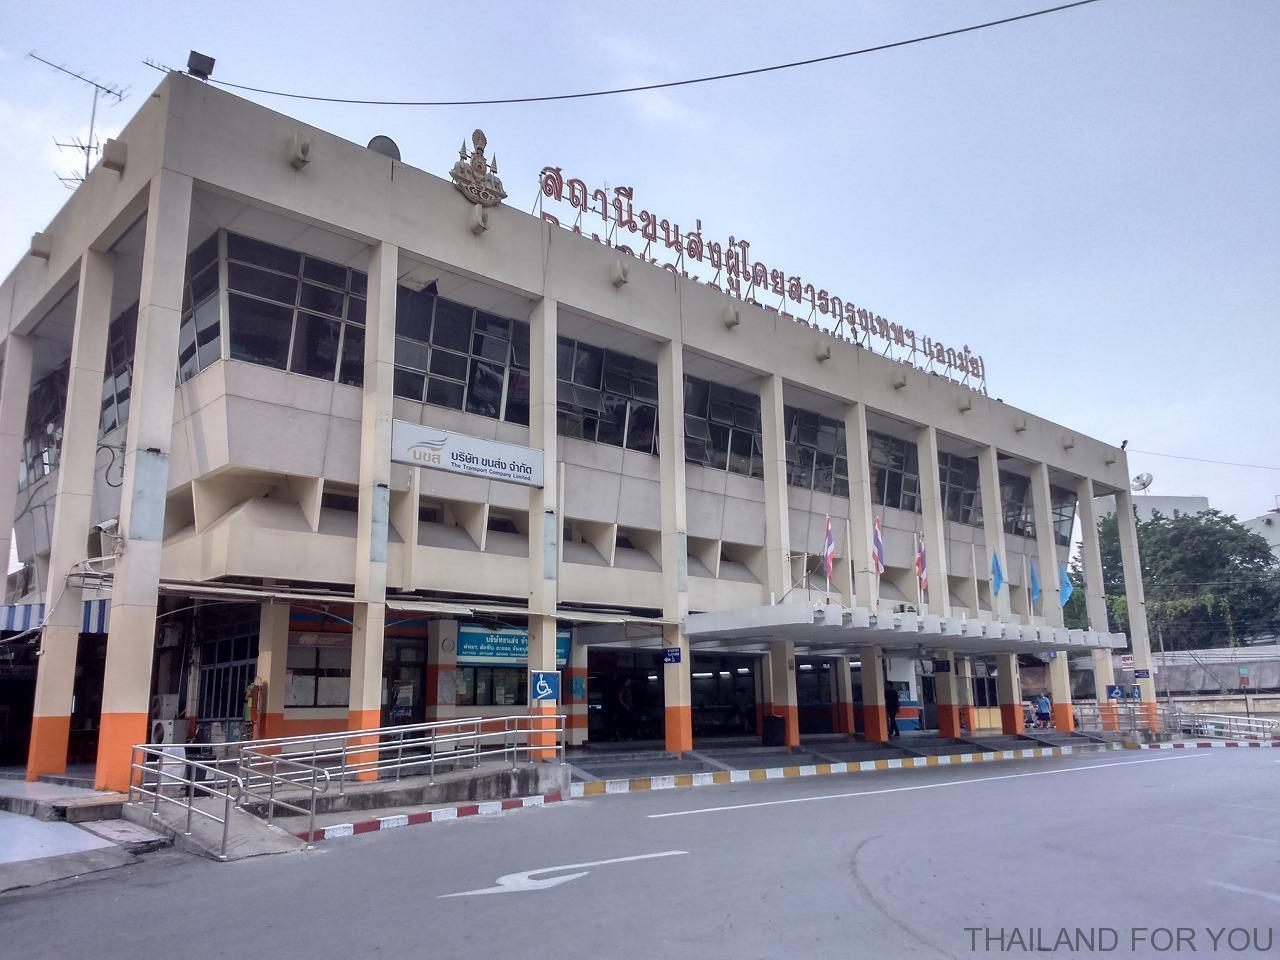 エカマイのバスターミナルの写真